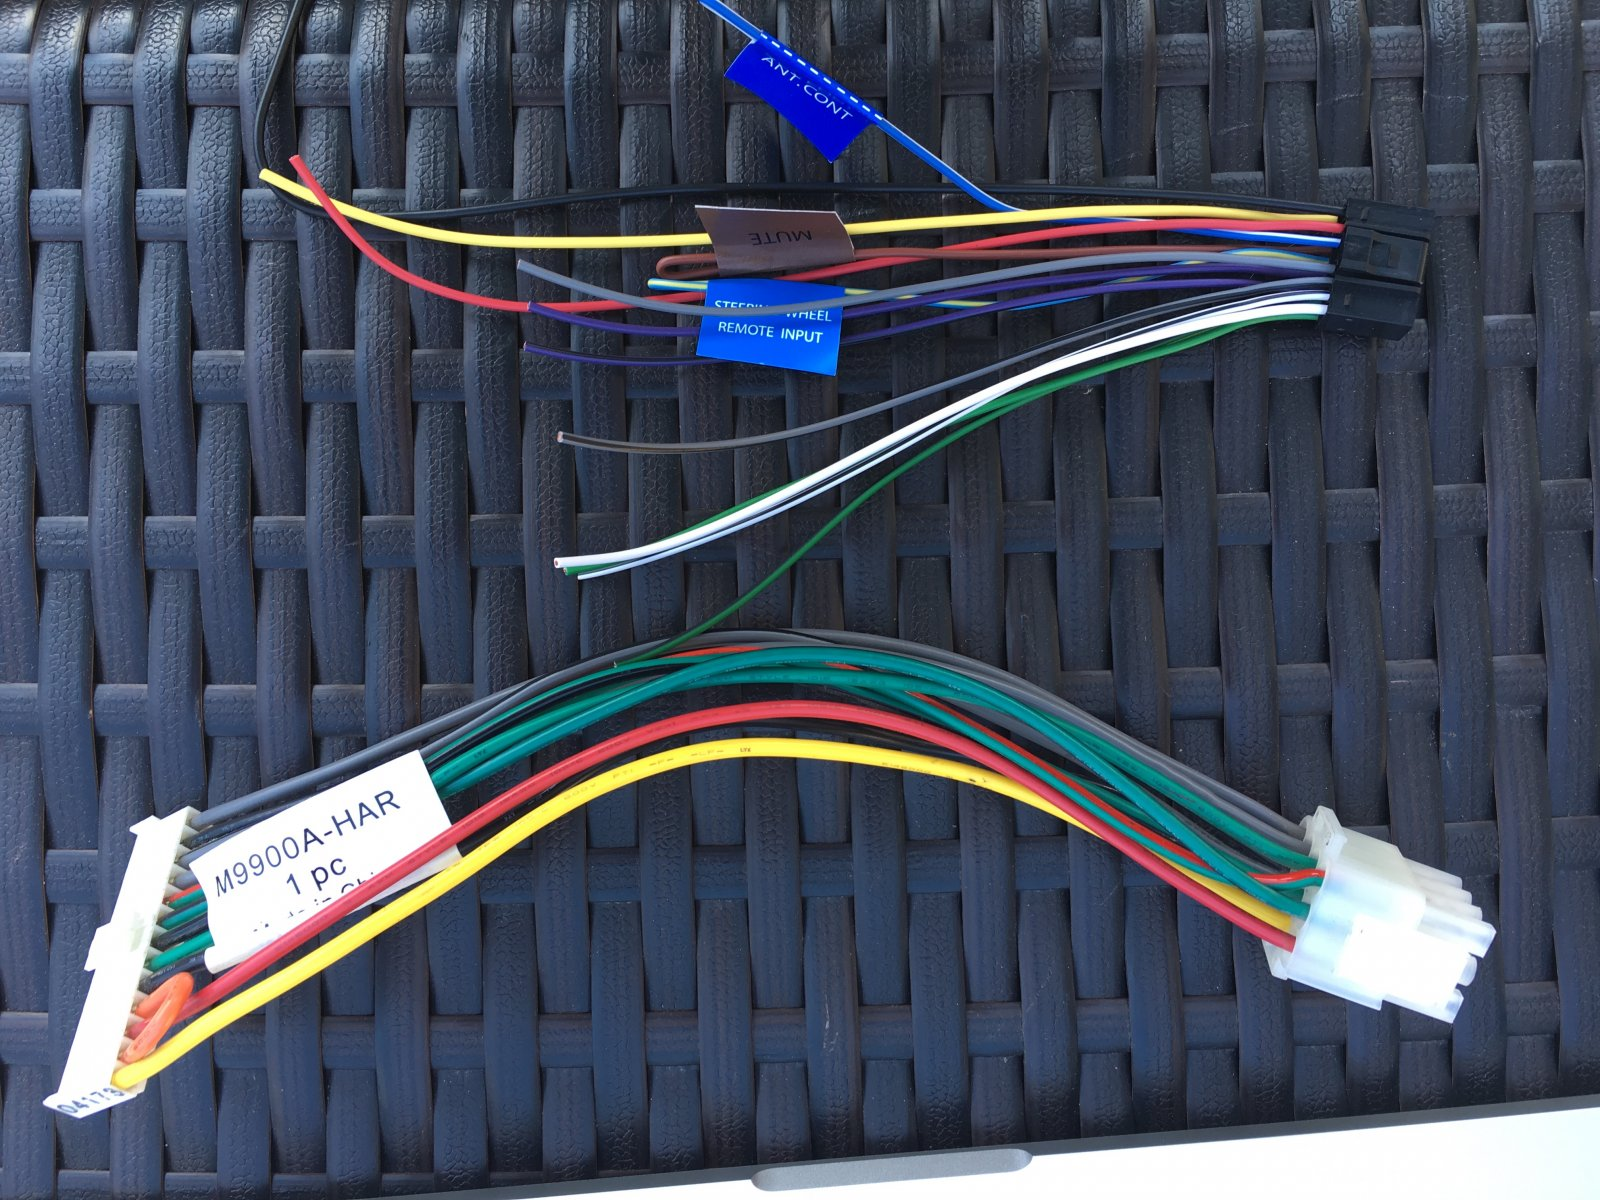 Replacing in dash stereo in 2005 Sightseer - Winnebago Owners Online  Community | Winnebago Car Stereo Wiring Harness |  | Winnebago Owners